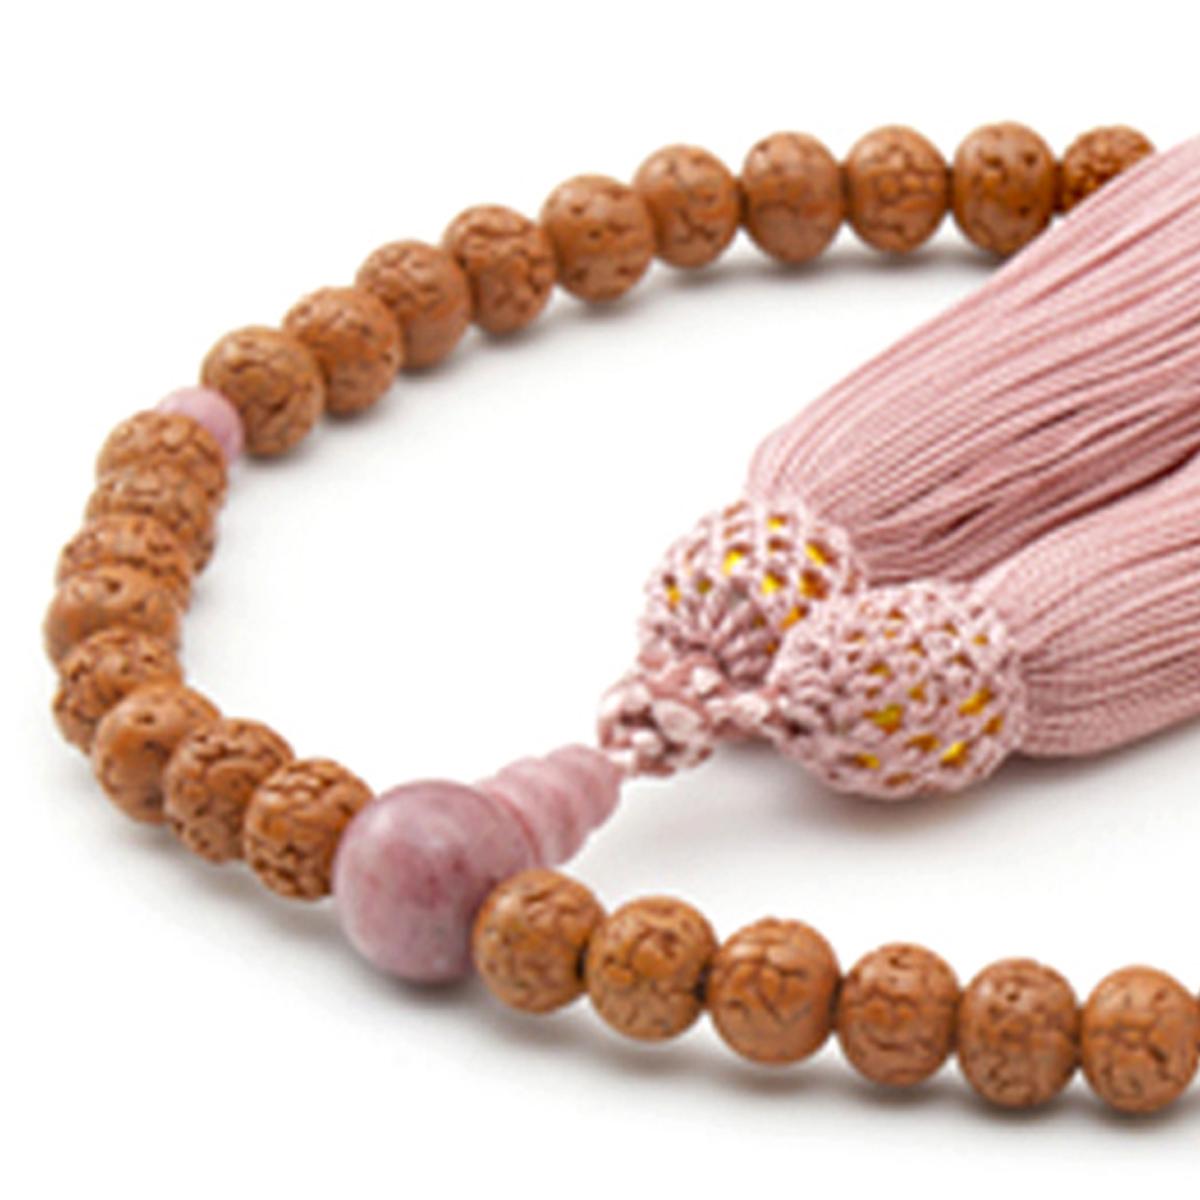 女性用数珠 金剛菩提樹 ピンクジャスパー 頭付弥勒房